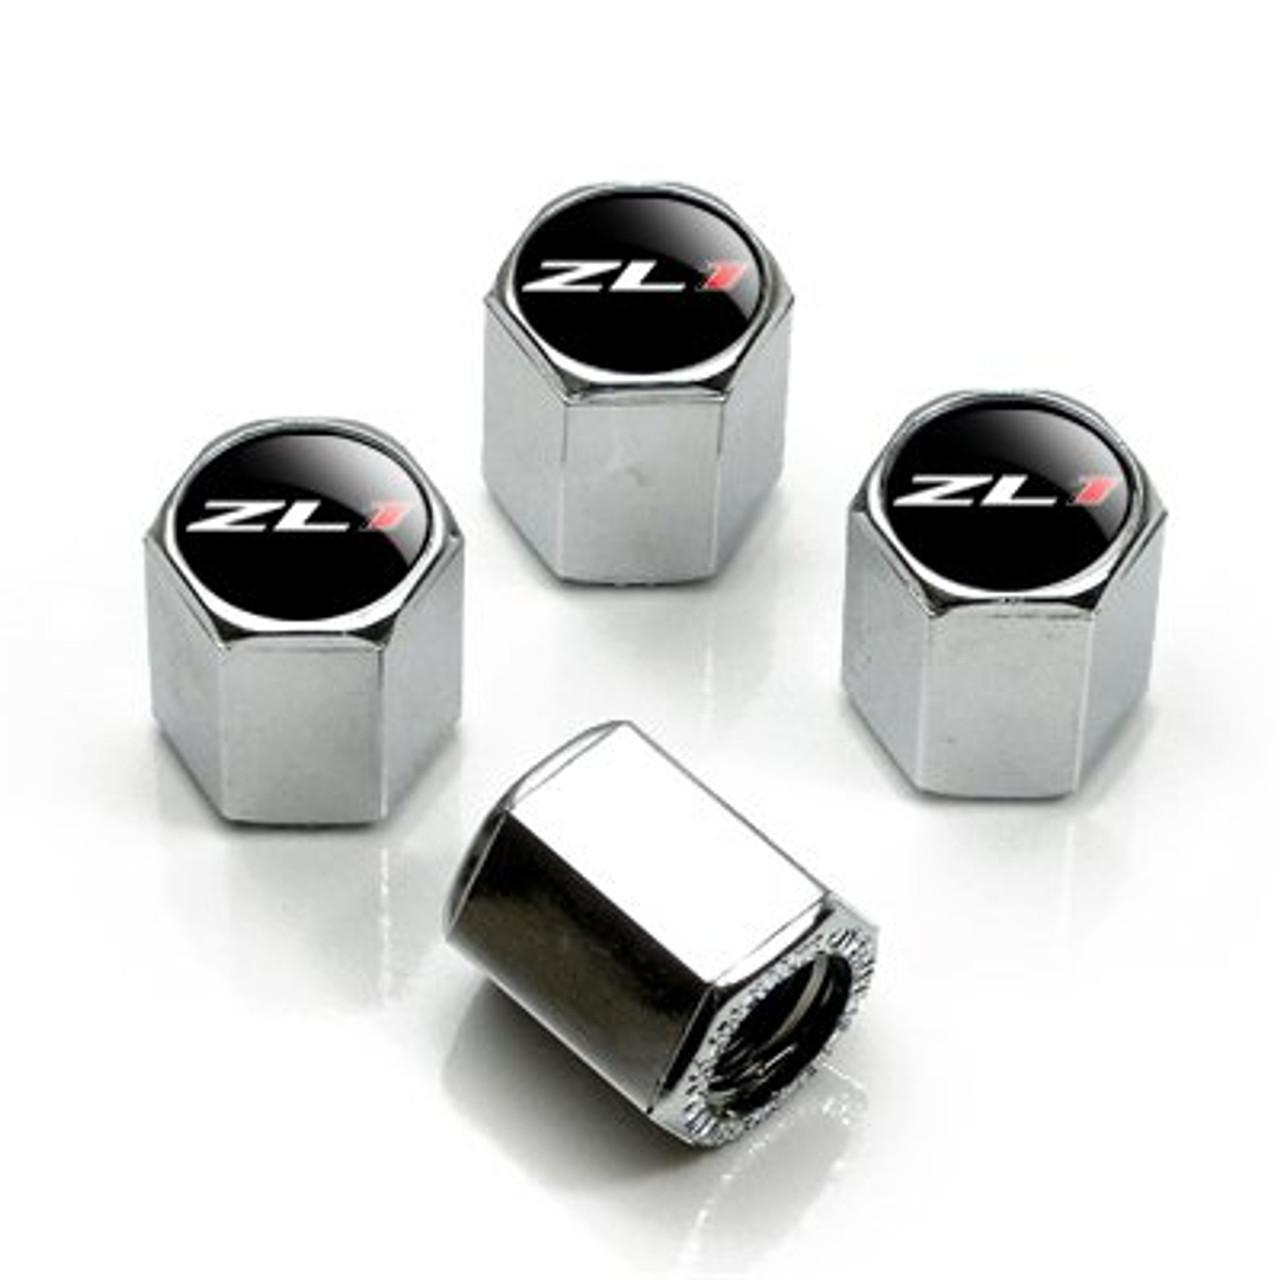 Chevrolet SS Logo Chrome Black /& Red Tire Air Valve Stem Caps Set of 4